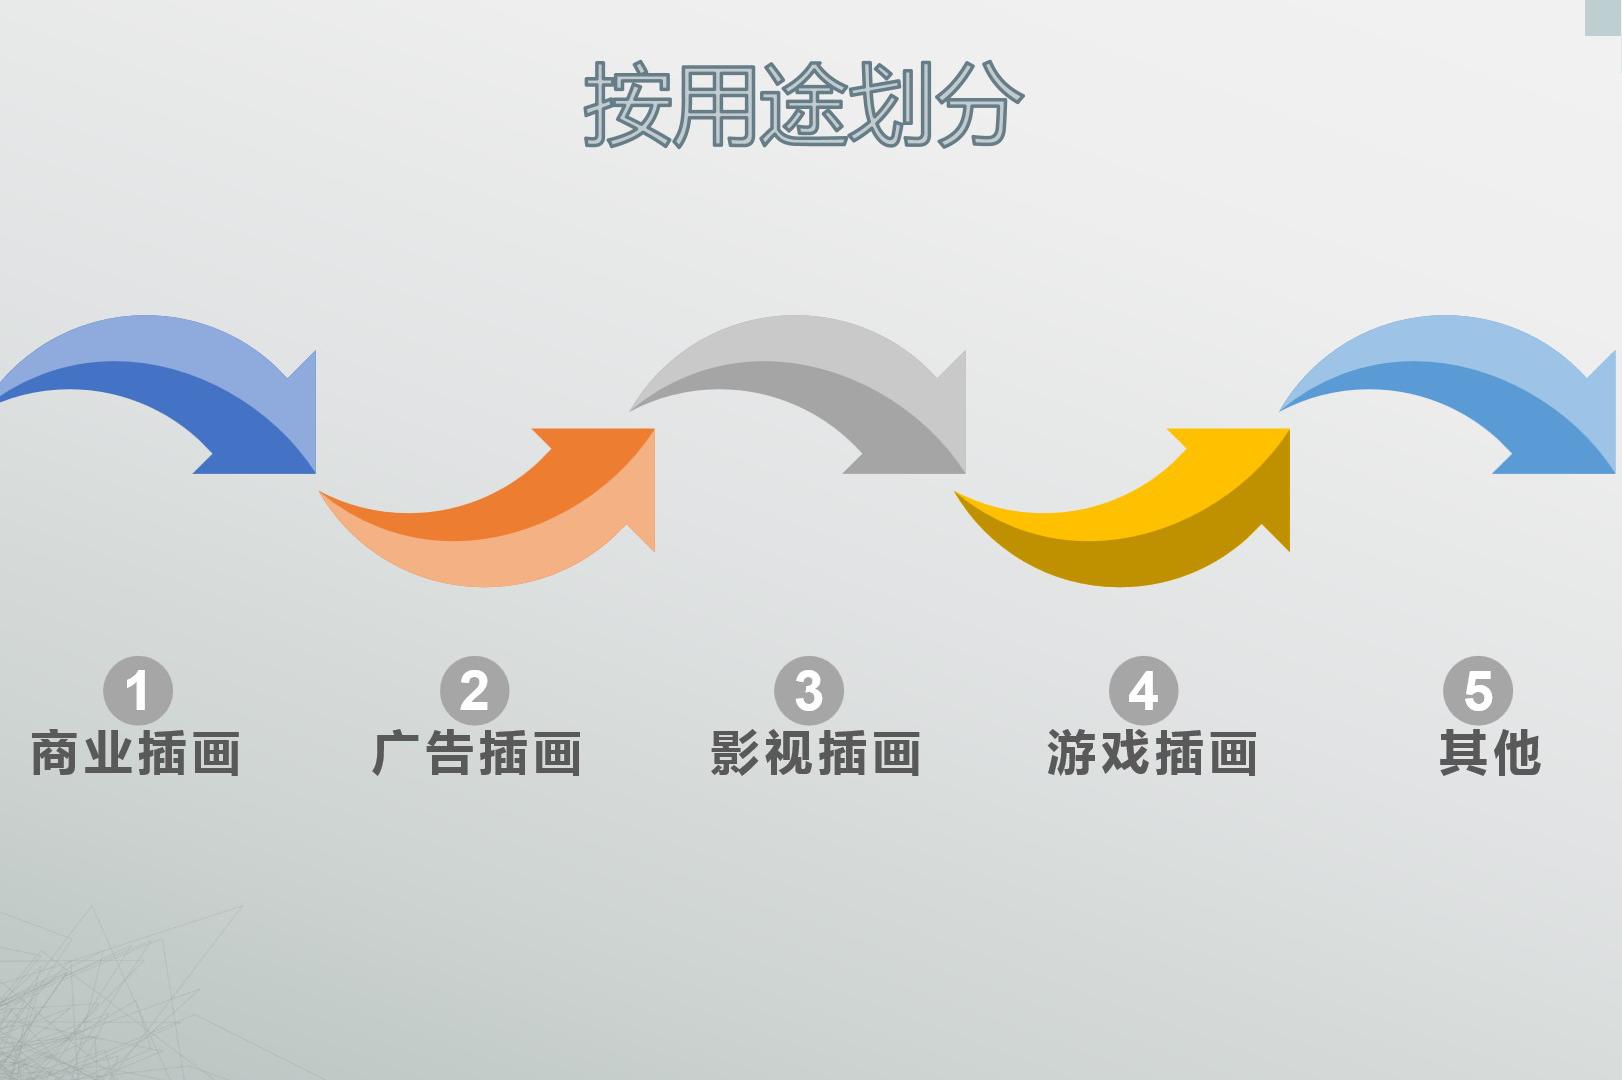 广州设计公司:常见的插画分类方法